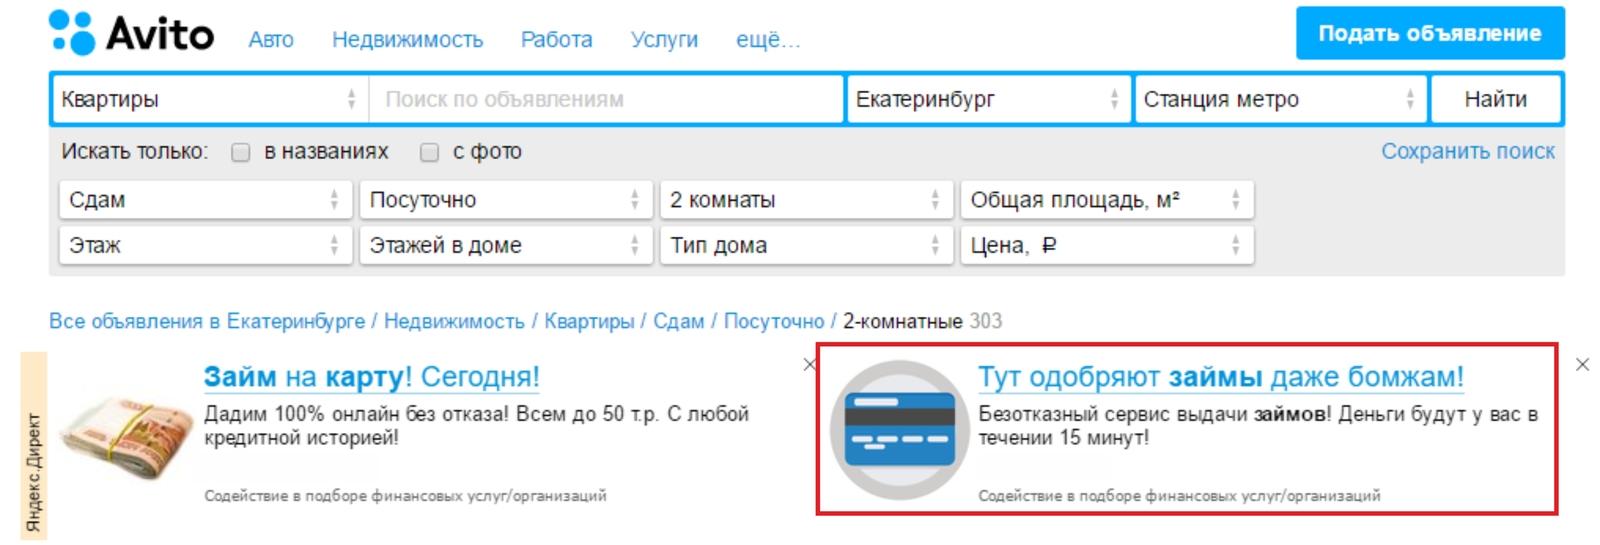 яндекс директ займы без отказа